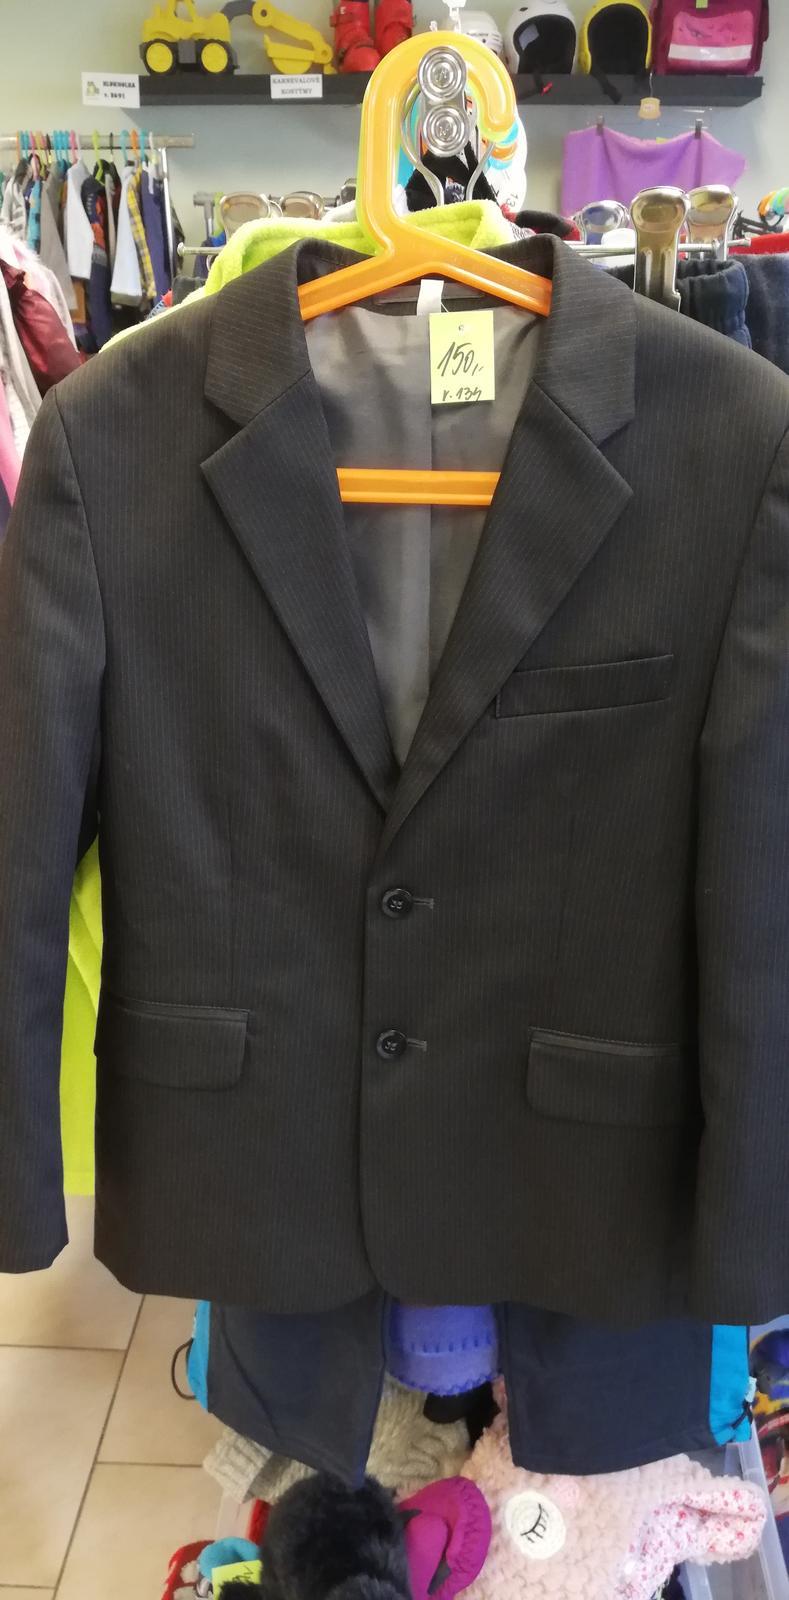 Černé sako s proužkem vel. 134 - Obrázek č. 1